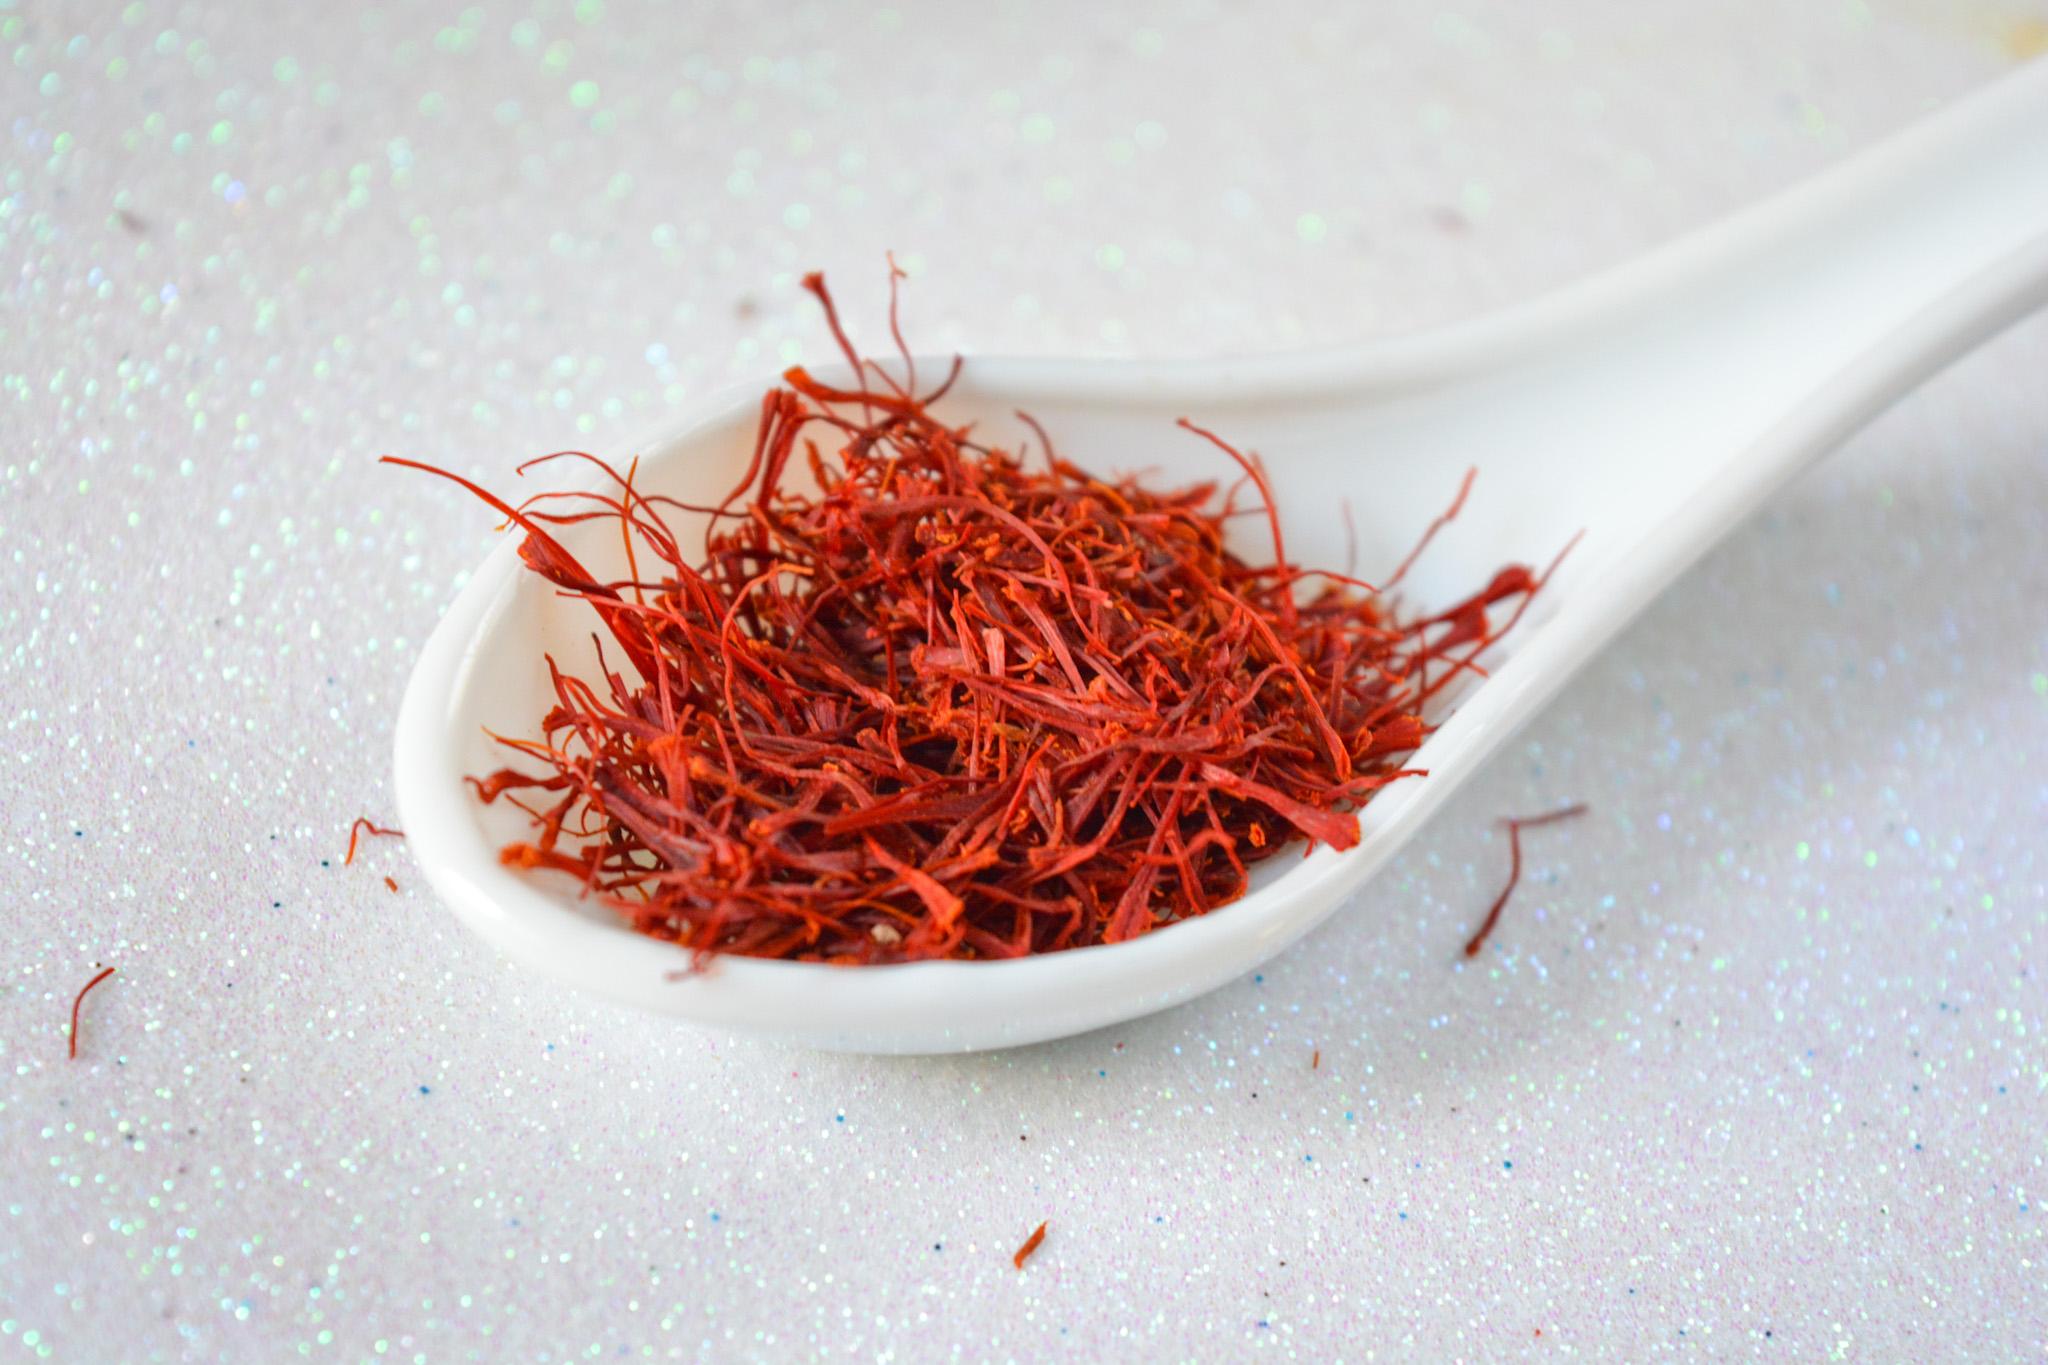 Saffron - Wikipedia